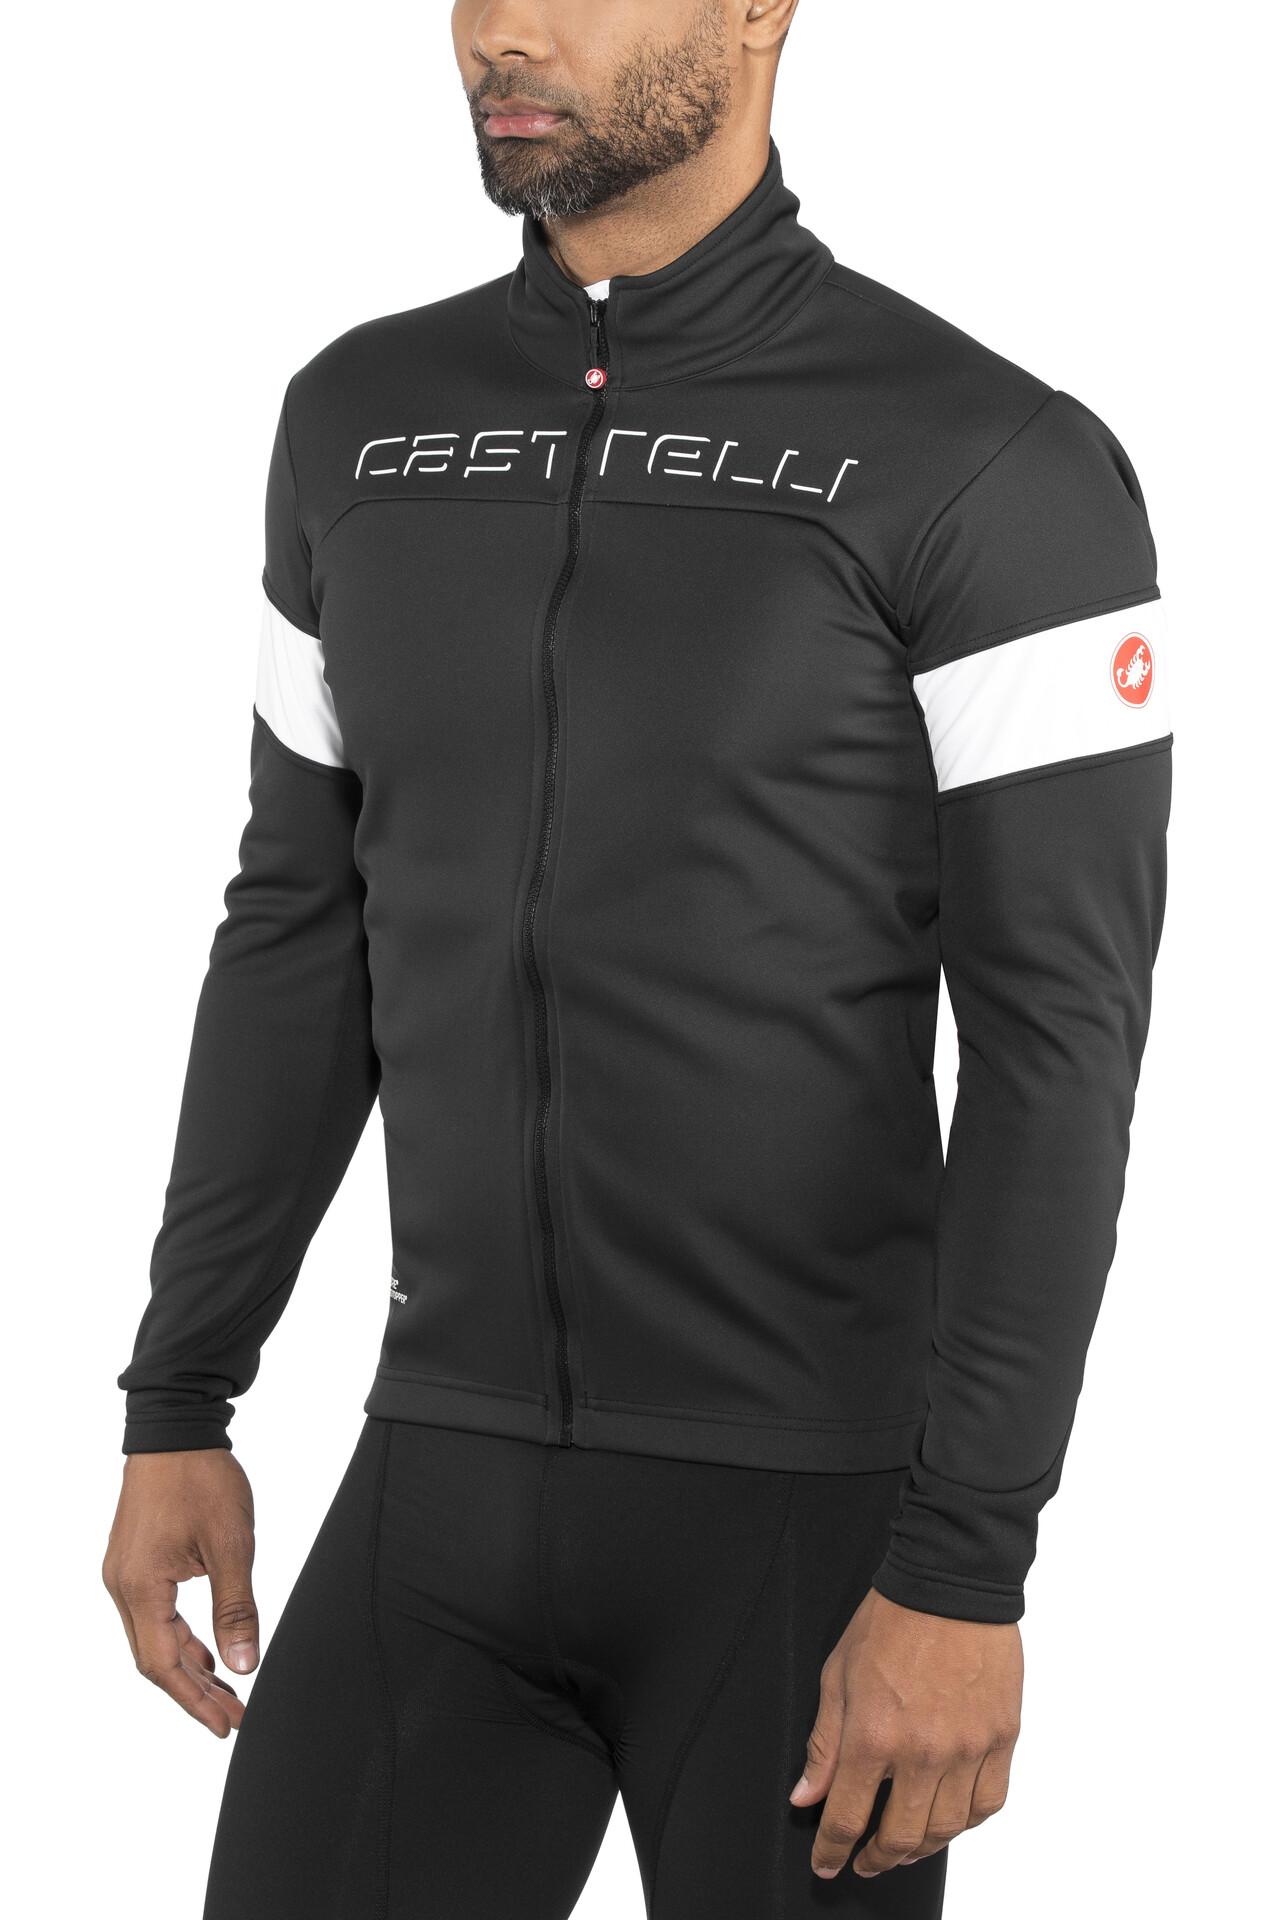 Homme Transition Blancnoir Veste De Vélos Boutique Castelli qn04Ffxwzx